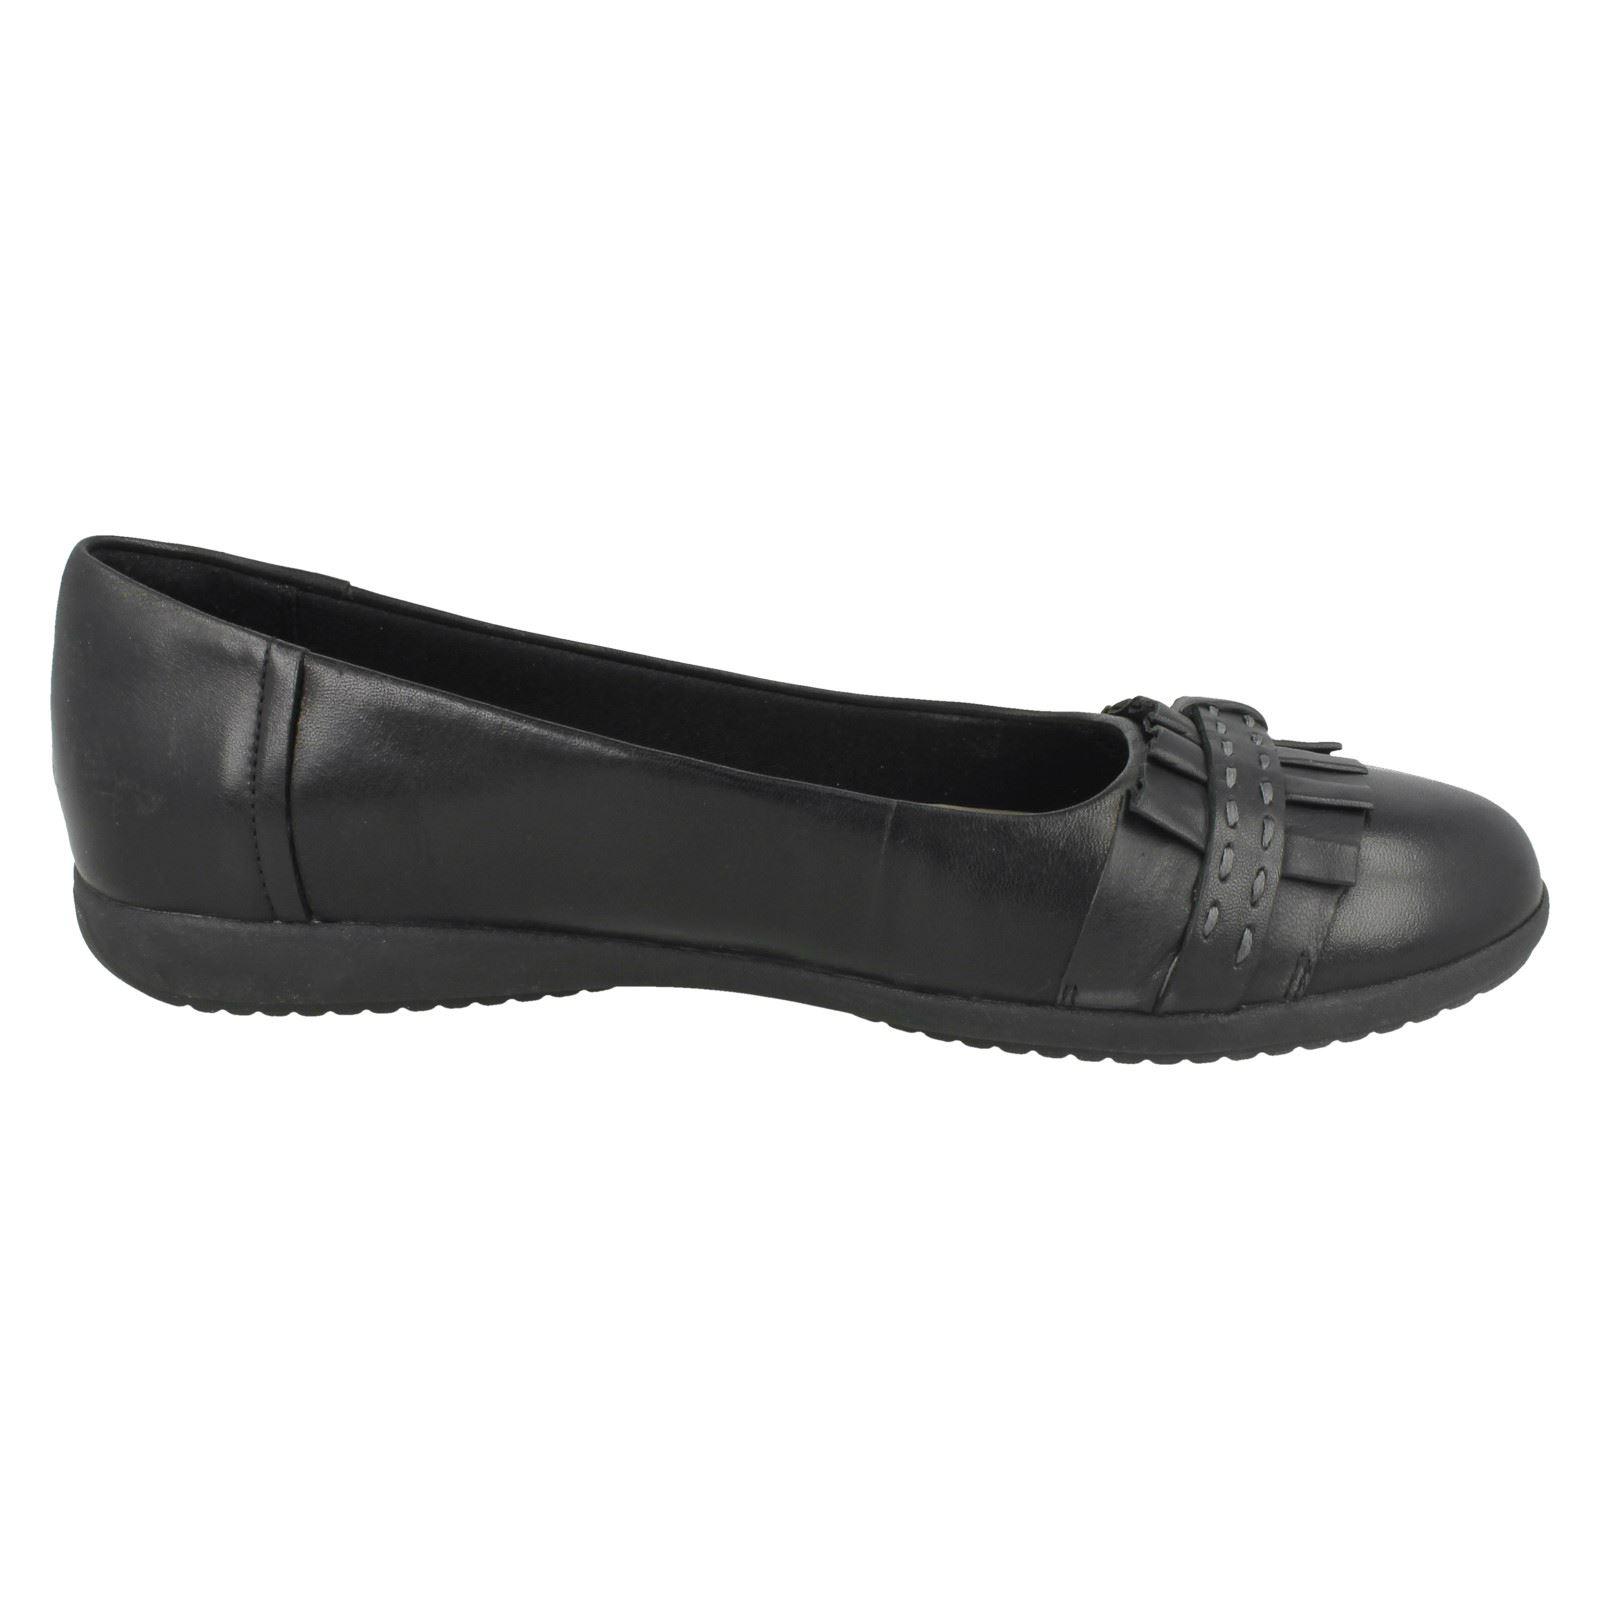 Damen Zum Clarks Smart Dolly-Schuhe Zum Damen Reinschlüpfen' Feya Insel ' 811b66